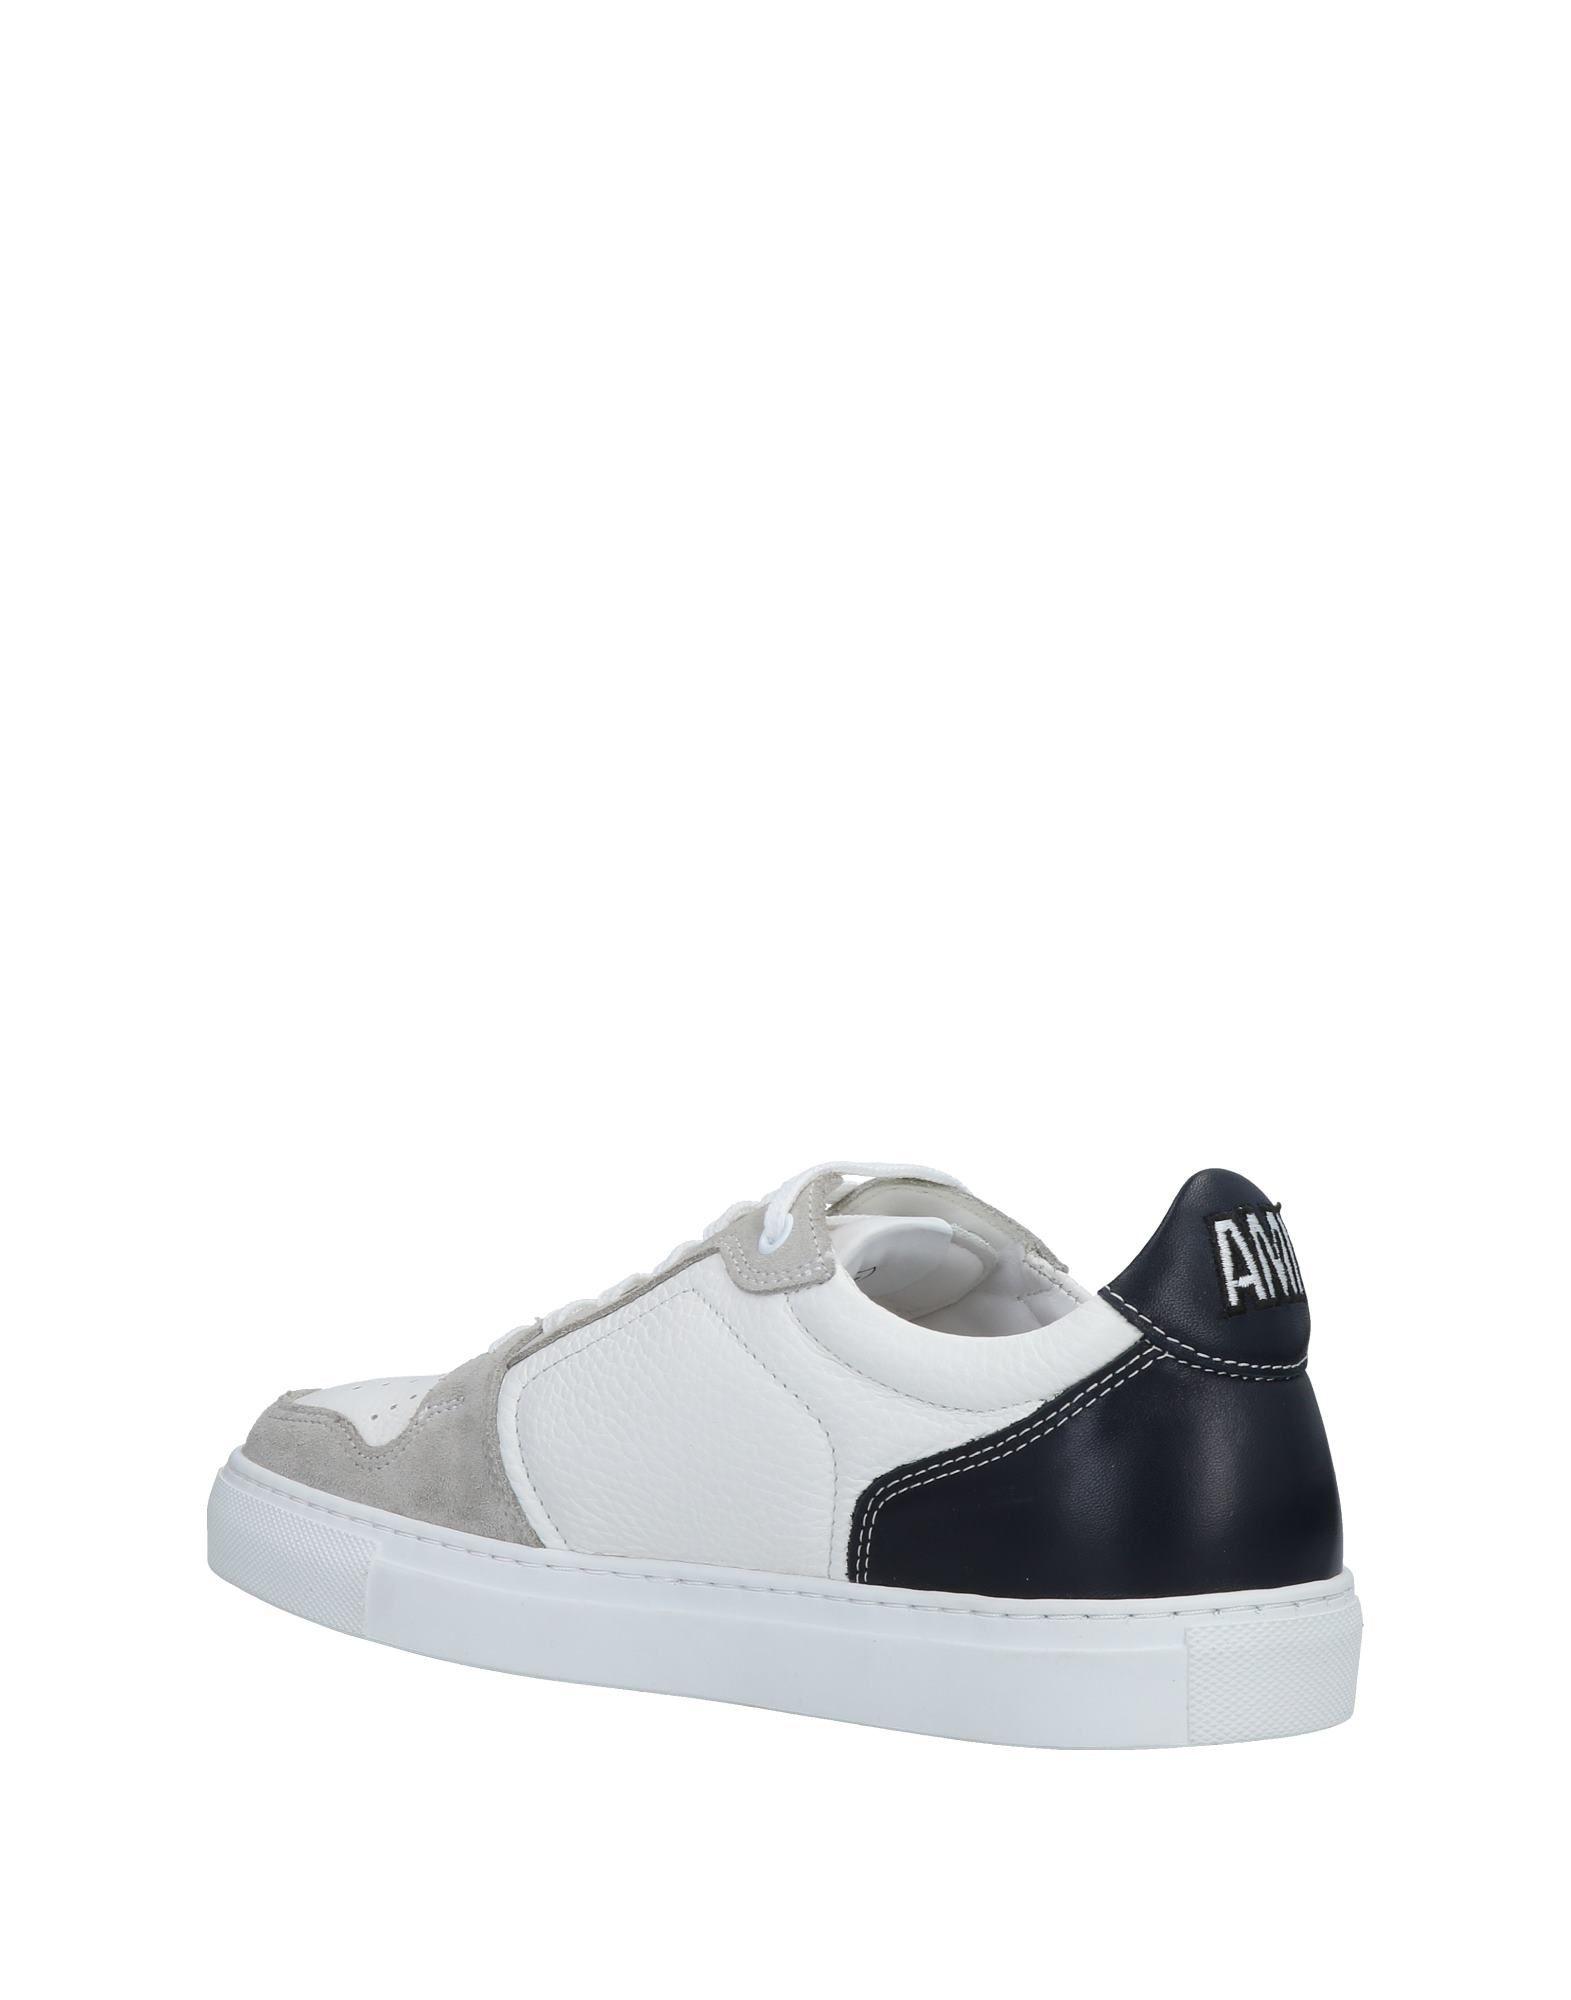 Ami Alexandre Mattiussi Sneakers Herren   Herren 11475749ME Neue Schuhe ca2b5c